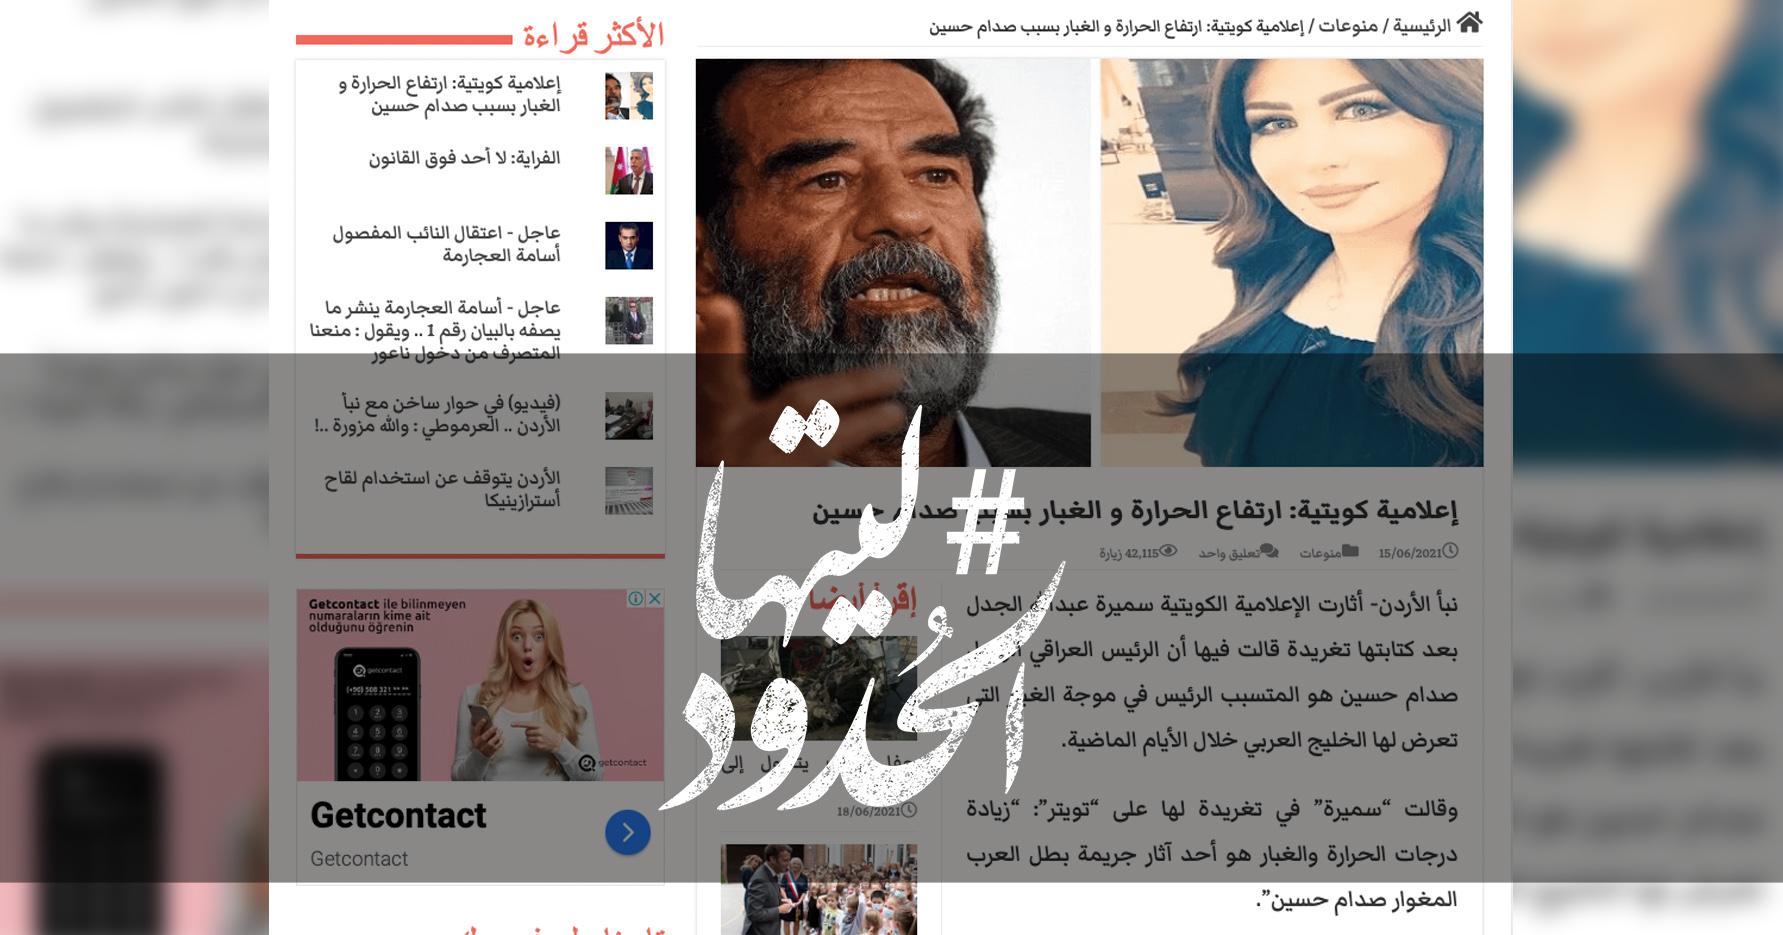 صورة إعلامية كويتية: ارتفاع الحرارة و الغبار بسبب صدام حسين